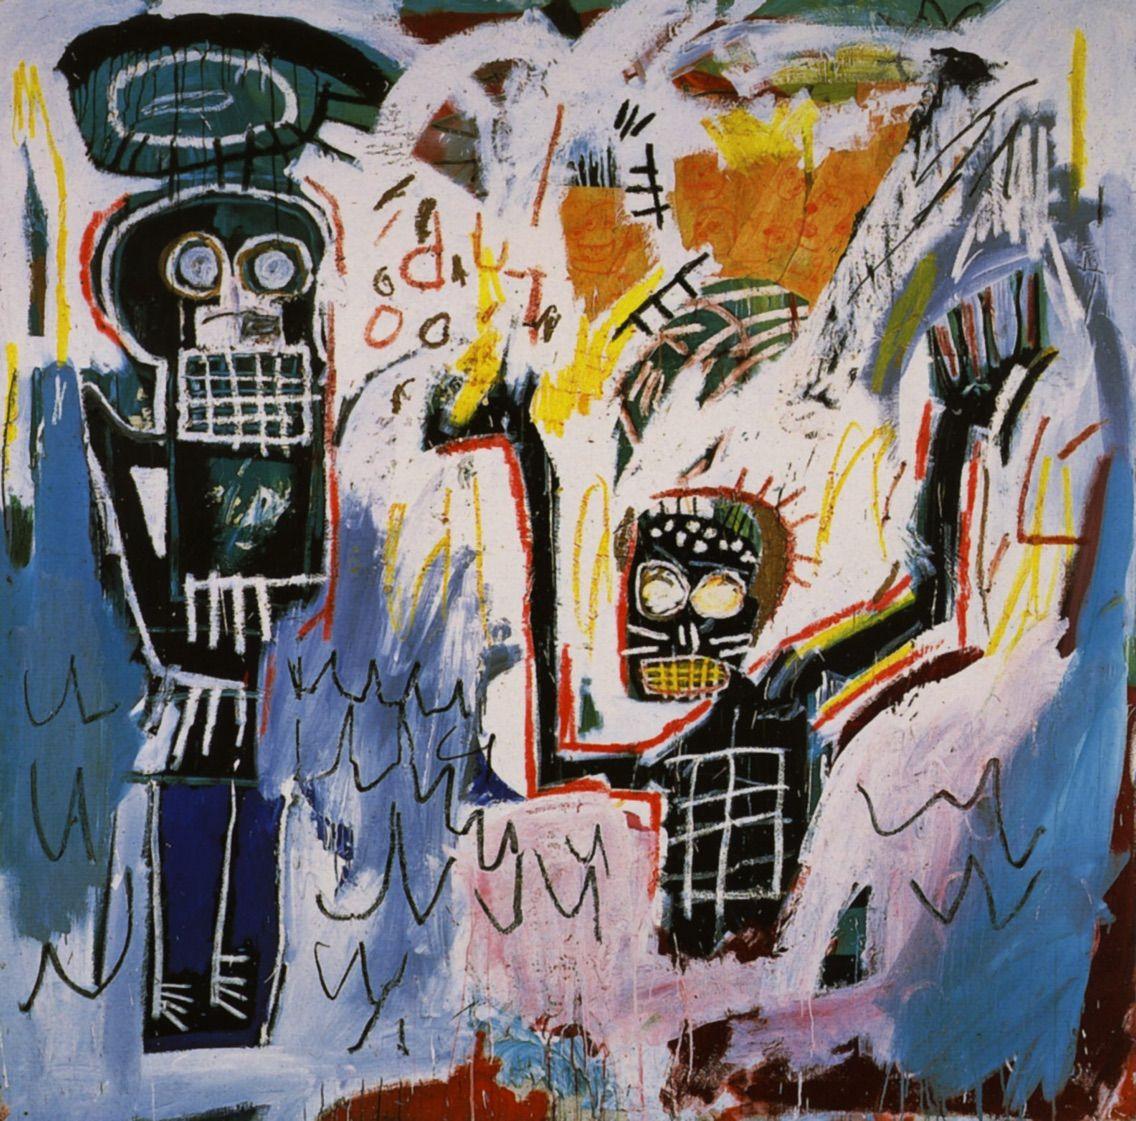 ジャン=ミシェル・バスキア「Baptism」(1982年) ©︎Jean,Michel Basquiat 出典  https//www.wikiart.org/en/jean,michel,basquiat/baptism ここでもう一度絵を見てみ